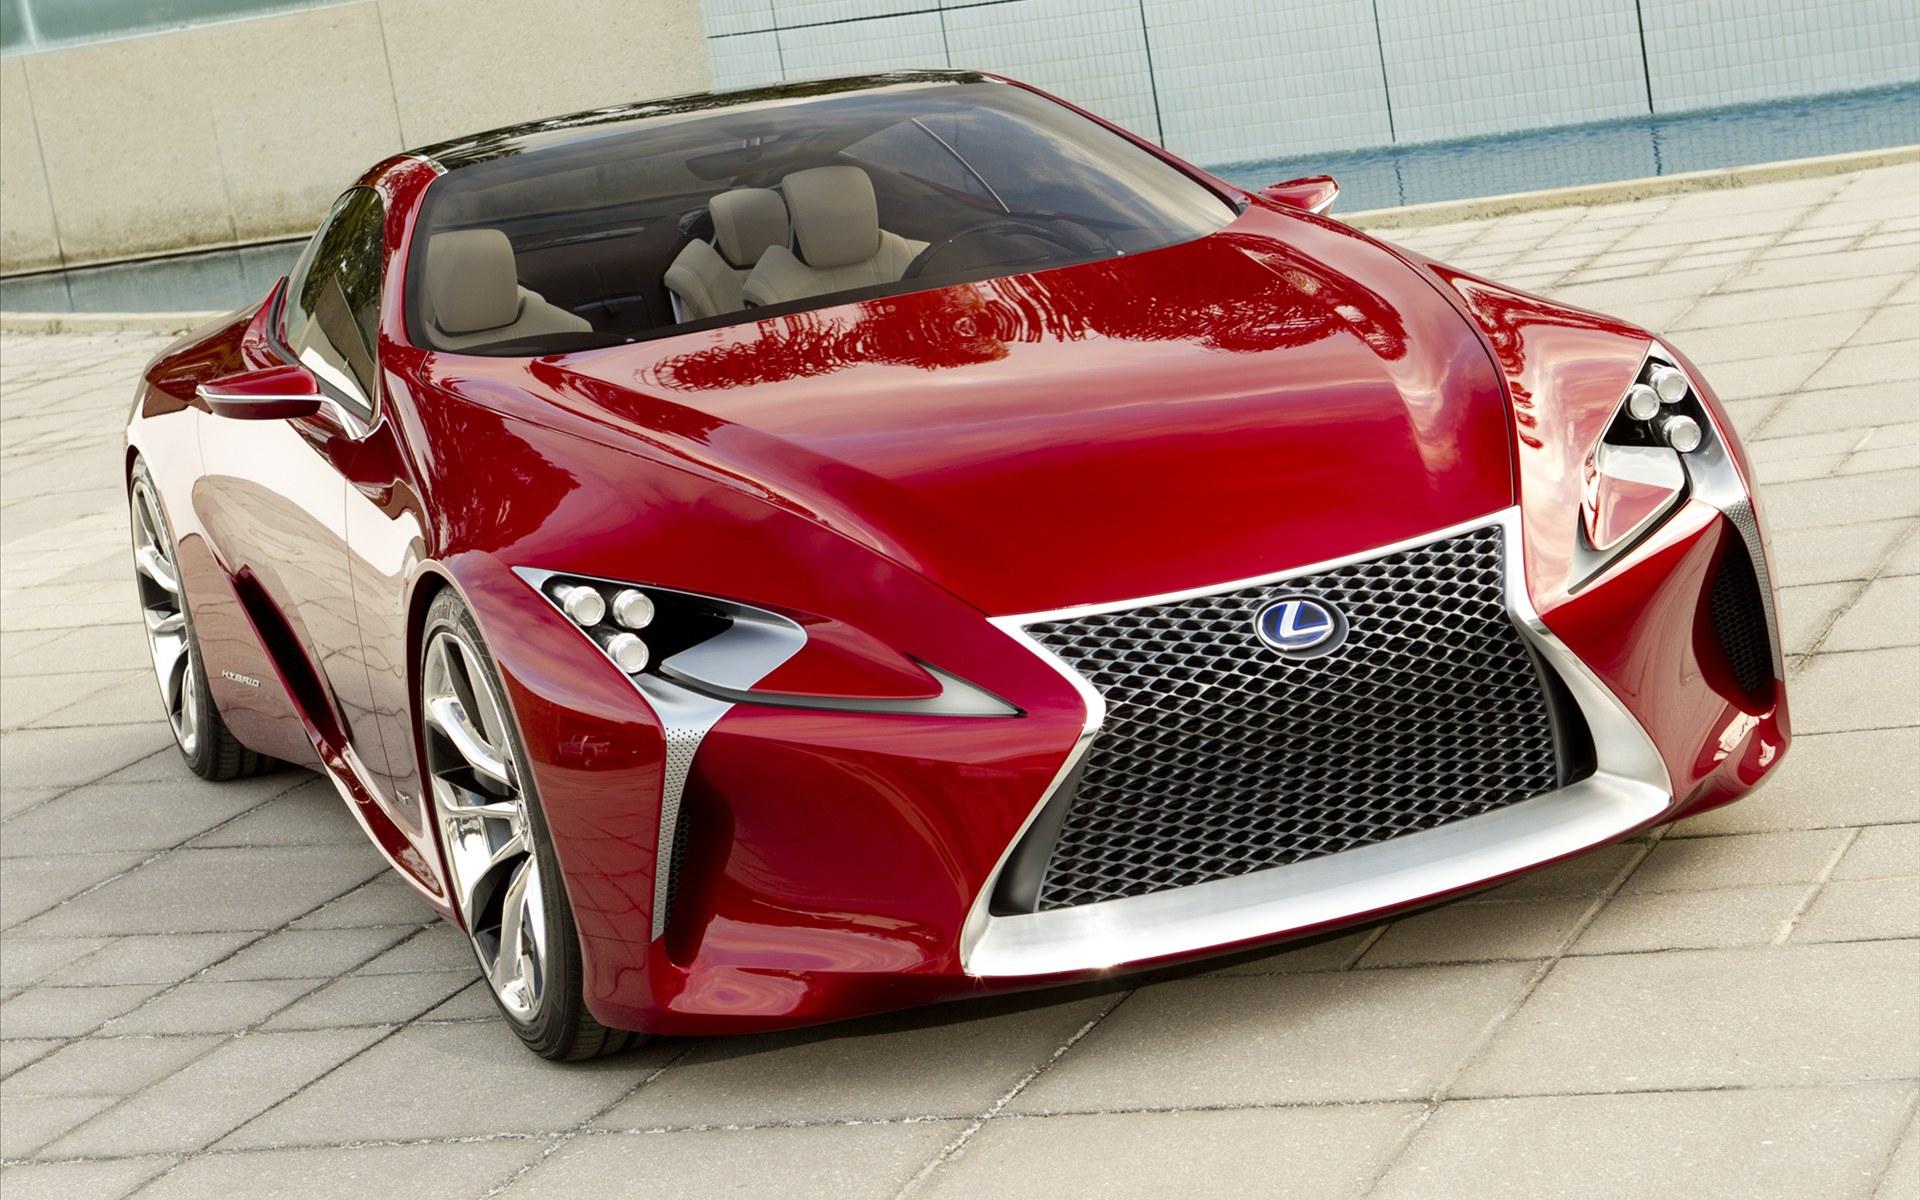 雷克萨斯lf lc sports coupe concept 2012款跑车壁纸 高清图片